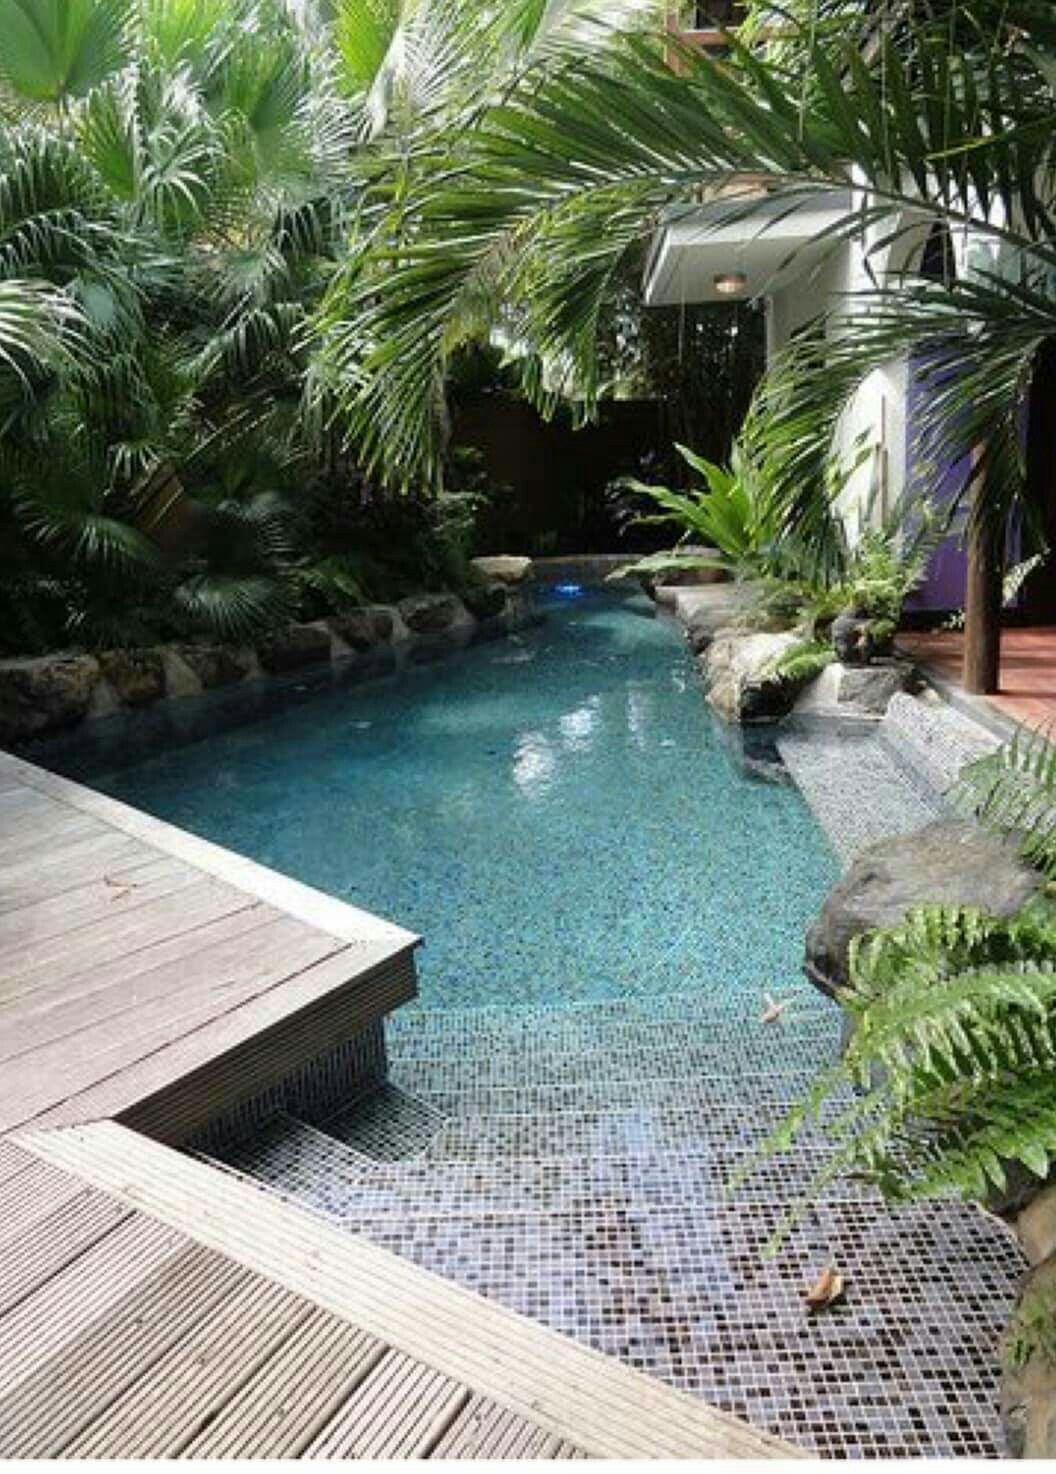 Pin By Ningnong On สวนเล กๆหน า หล งบ าน ม มน งเล น Small Backyard Pools Small Backyard Design Swimming Pools Backyard